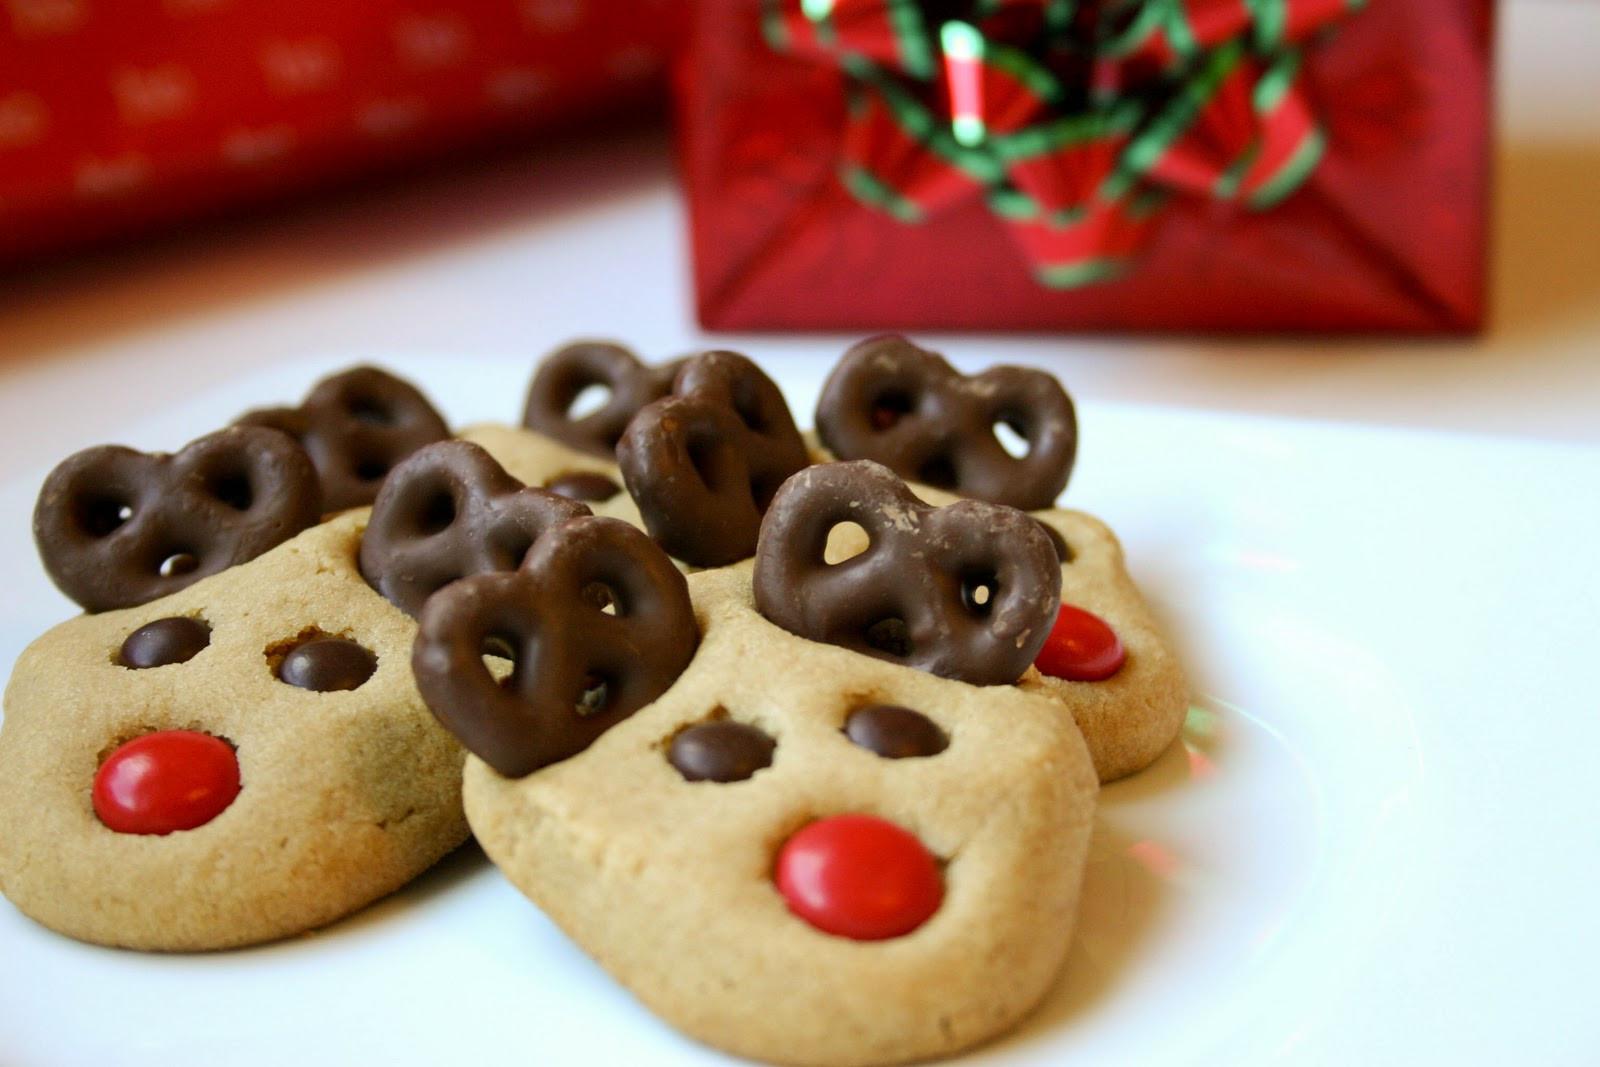 Easy Christmas Baking Ideas  Reindeer Cookies Recipe